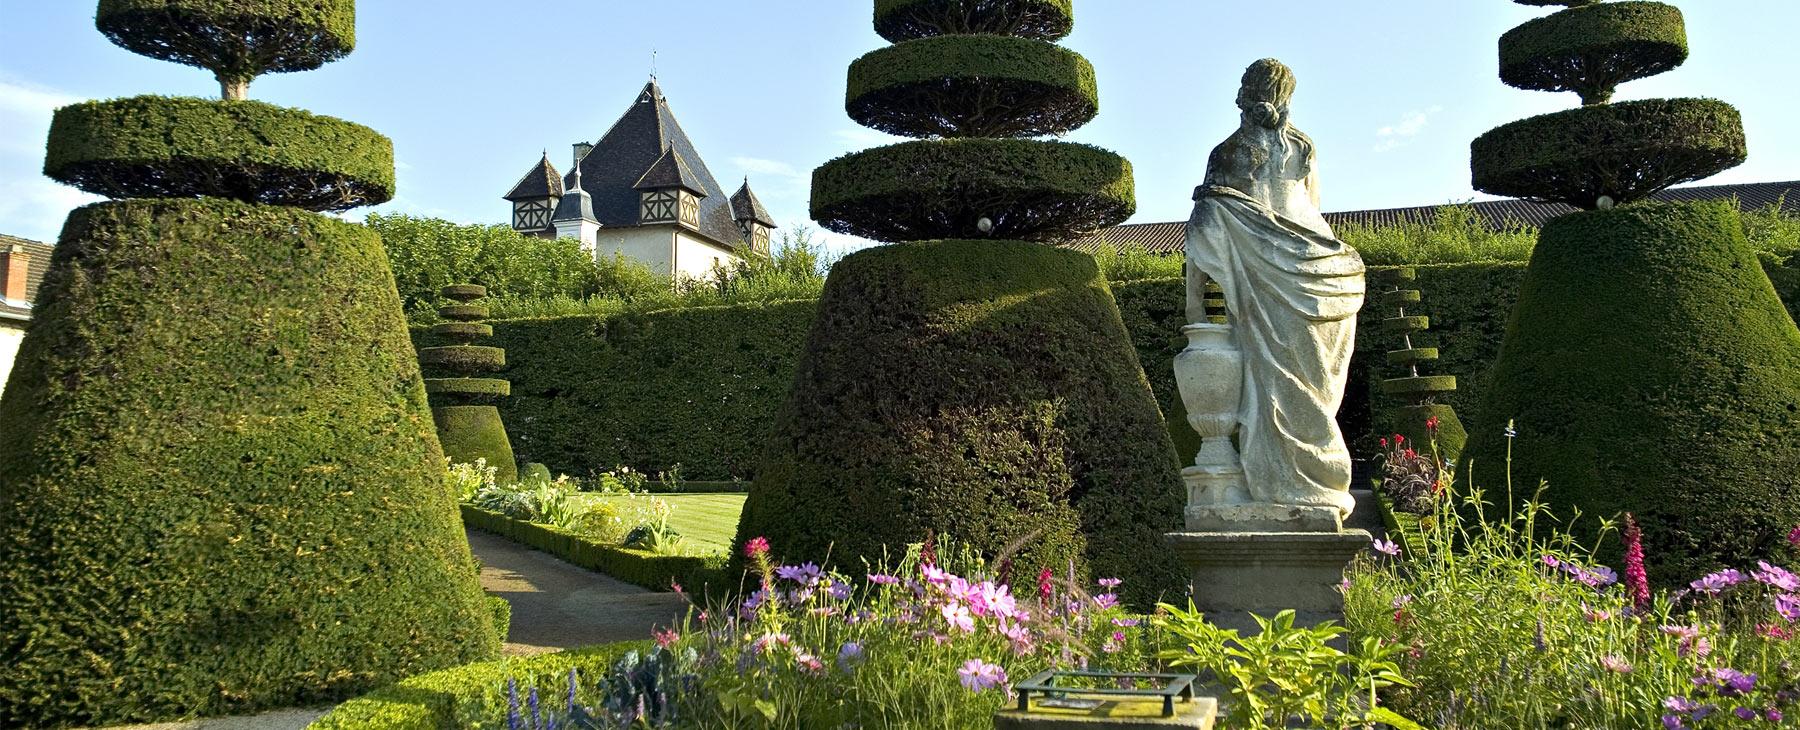 parcs lyon : rhône tourisme, parcs urbains ou jardins à lyon et